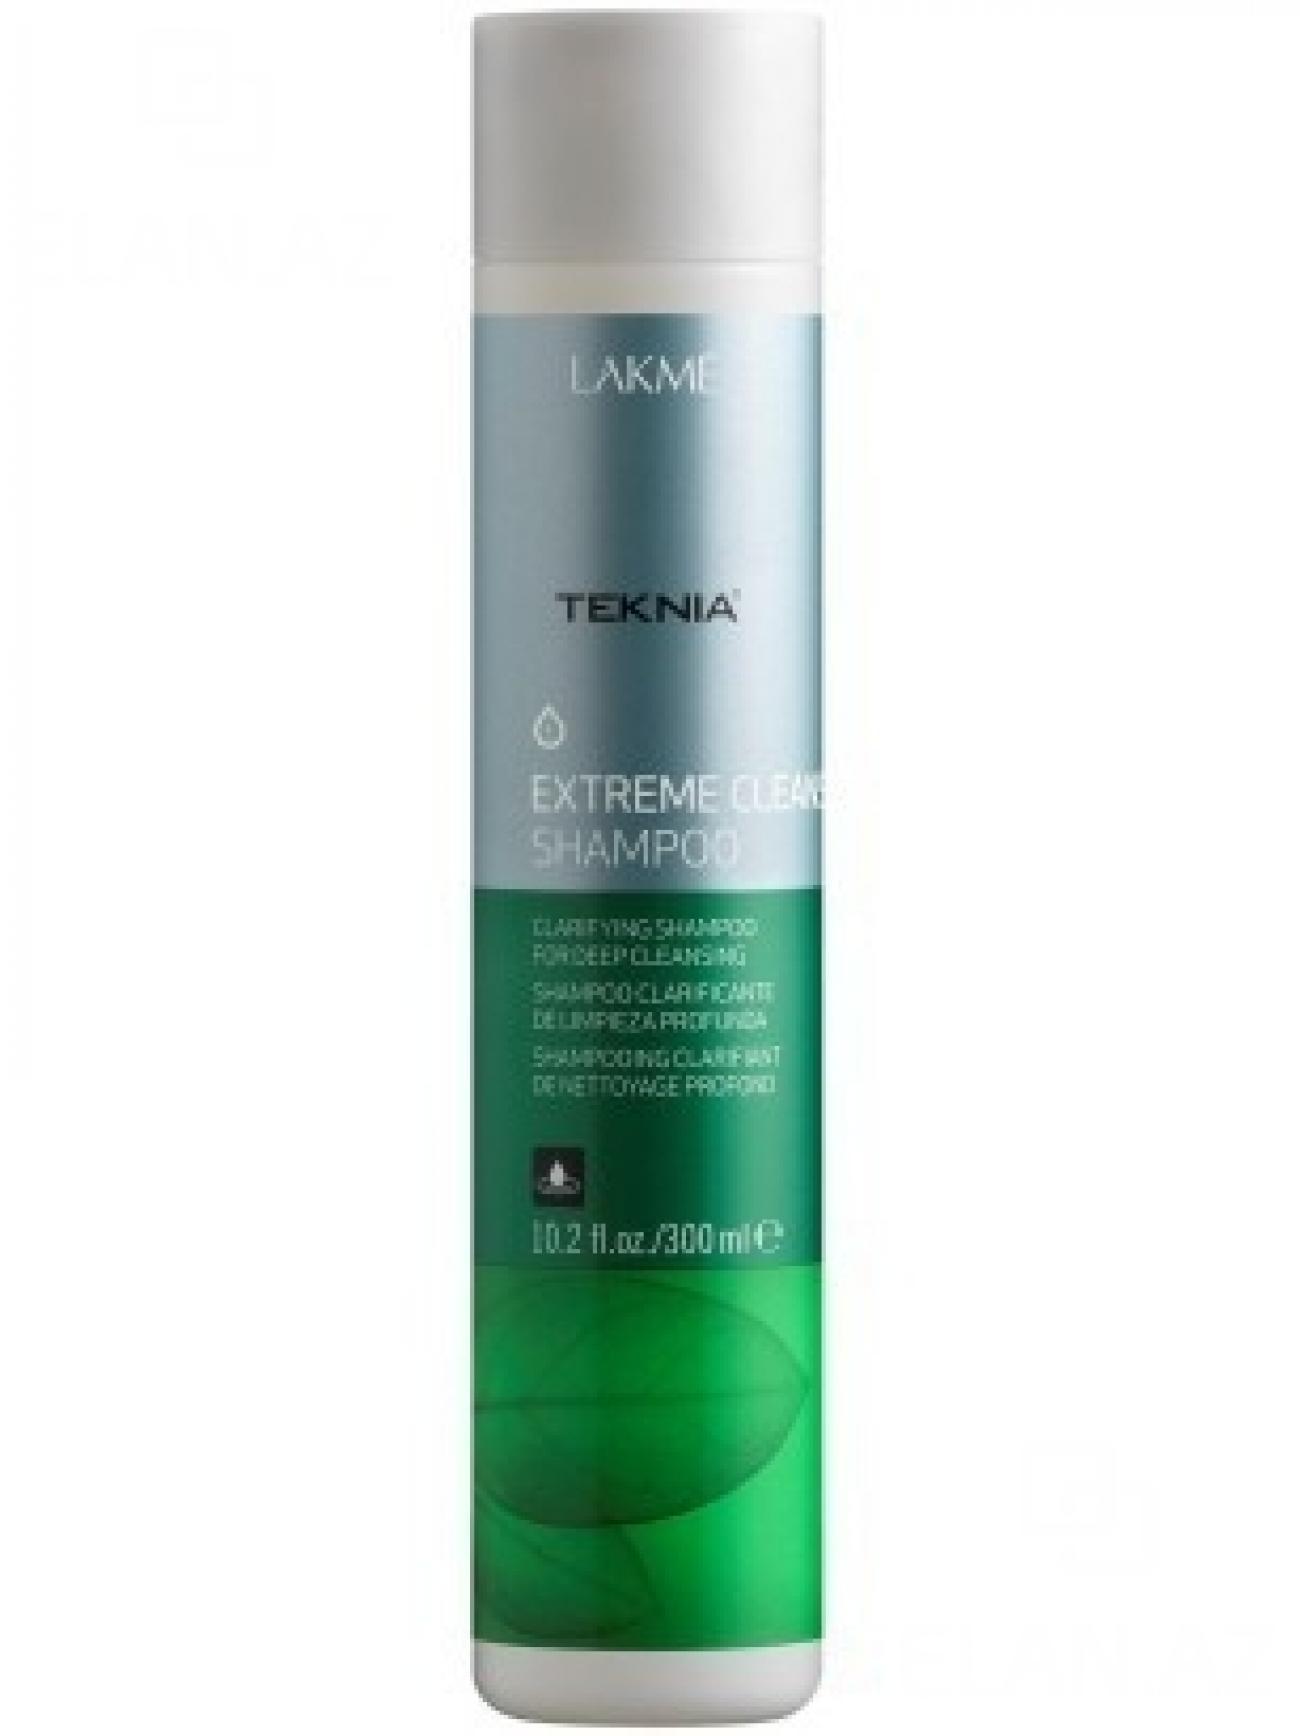 Lakme Шампунь для глубокого очищения Shampoo, 300 мл47312Обогащенный фруктовыми кислотами и экстрактом зеленого чая, он придает волосам естественный блеск и мягкость. Вытяжка из плодов индийского каштана оказывает вяжущее, антисептическое действие и обеспечивает глубокое очищение , как волос, так и кожи головы. Мягкая формула эффективно удаляет остатки укладочных средств и запахи, не вызывает раздражения. Входящий в состав ментол, мгновенно дает ощущение свежести.Шампунь для глубокого очищения Lakme Teknia Extreme Cleanse Shampoo содержит WAA™ – комплекс растительных аминокислот, ухаживающий за волосами и оказывающий глубокое воздействие изнутри. Идеально подходит для очень жирных волос.